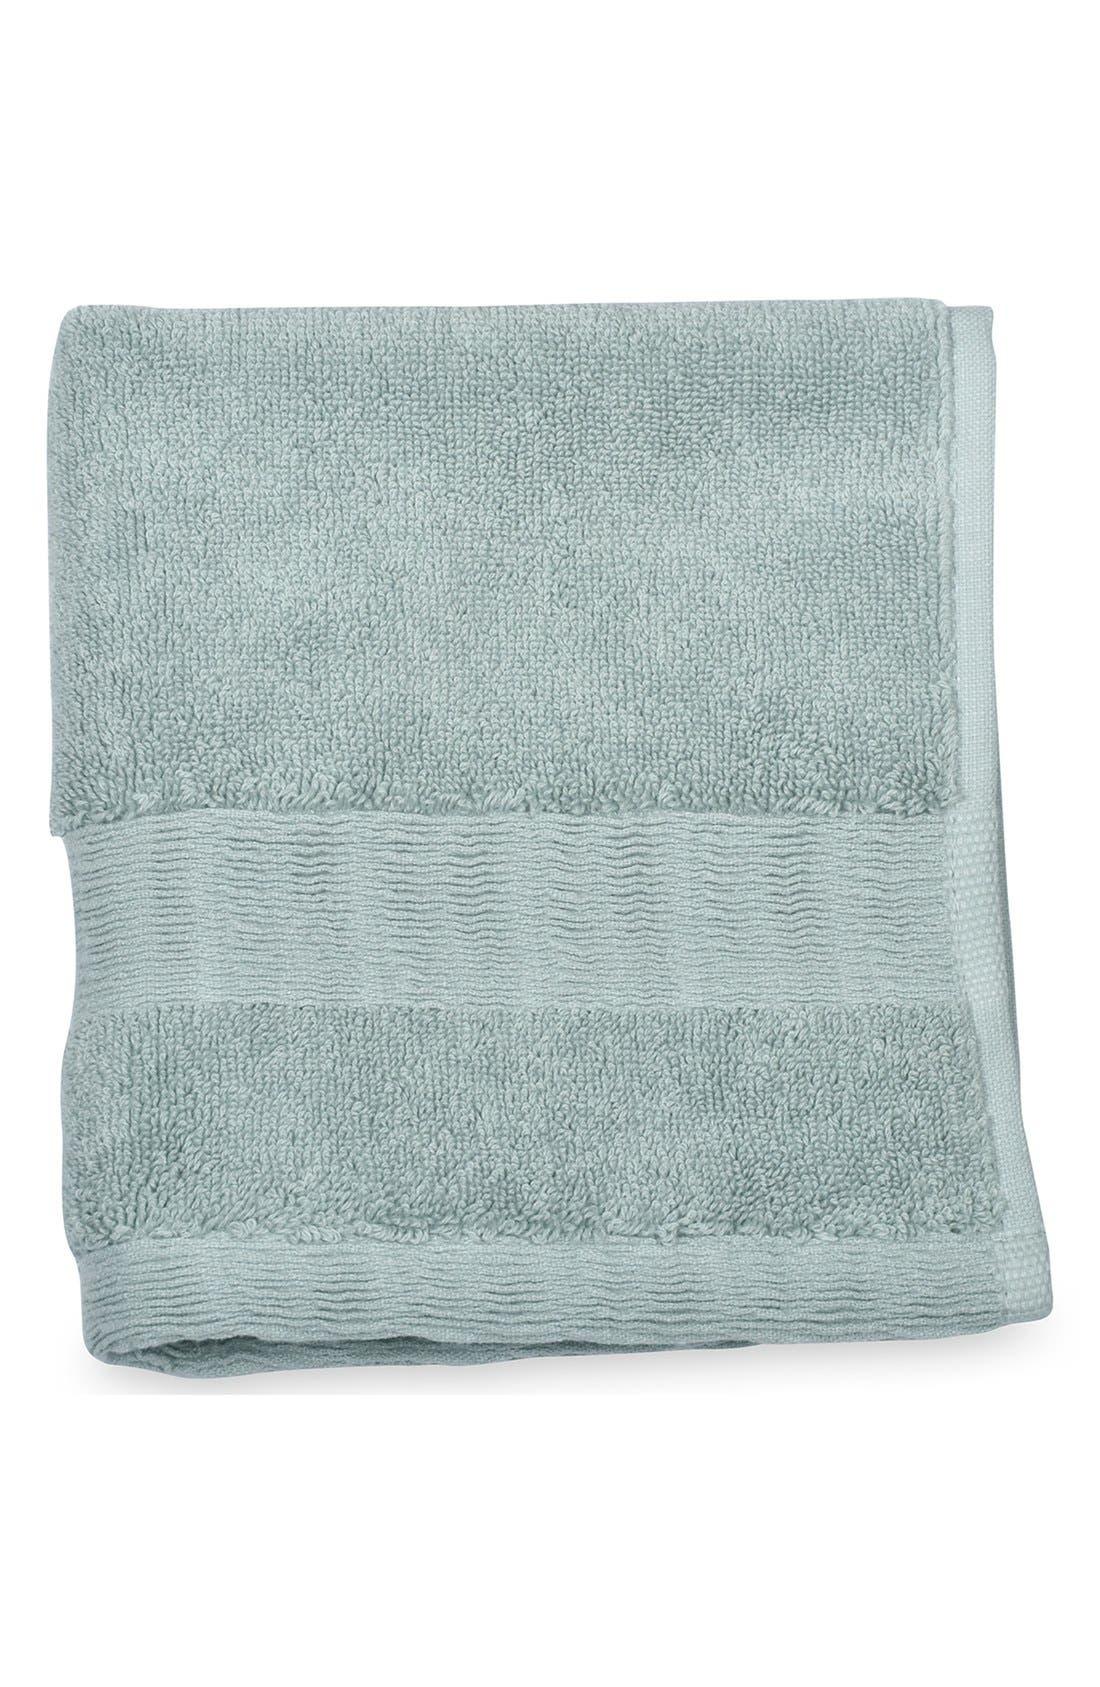 Mercer Wash Towel,                         Main,                         color, Mist